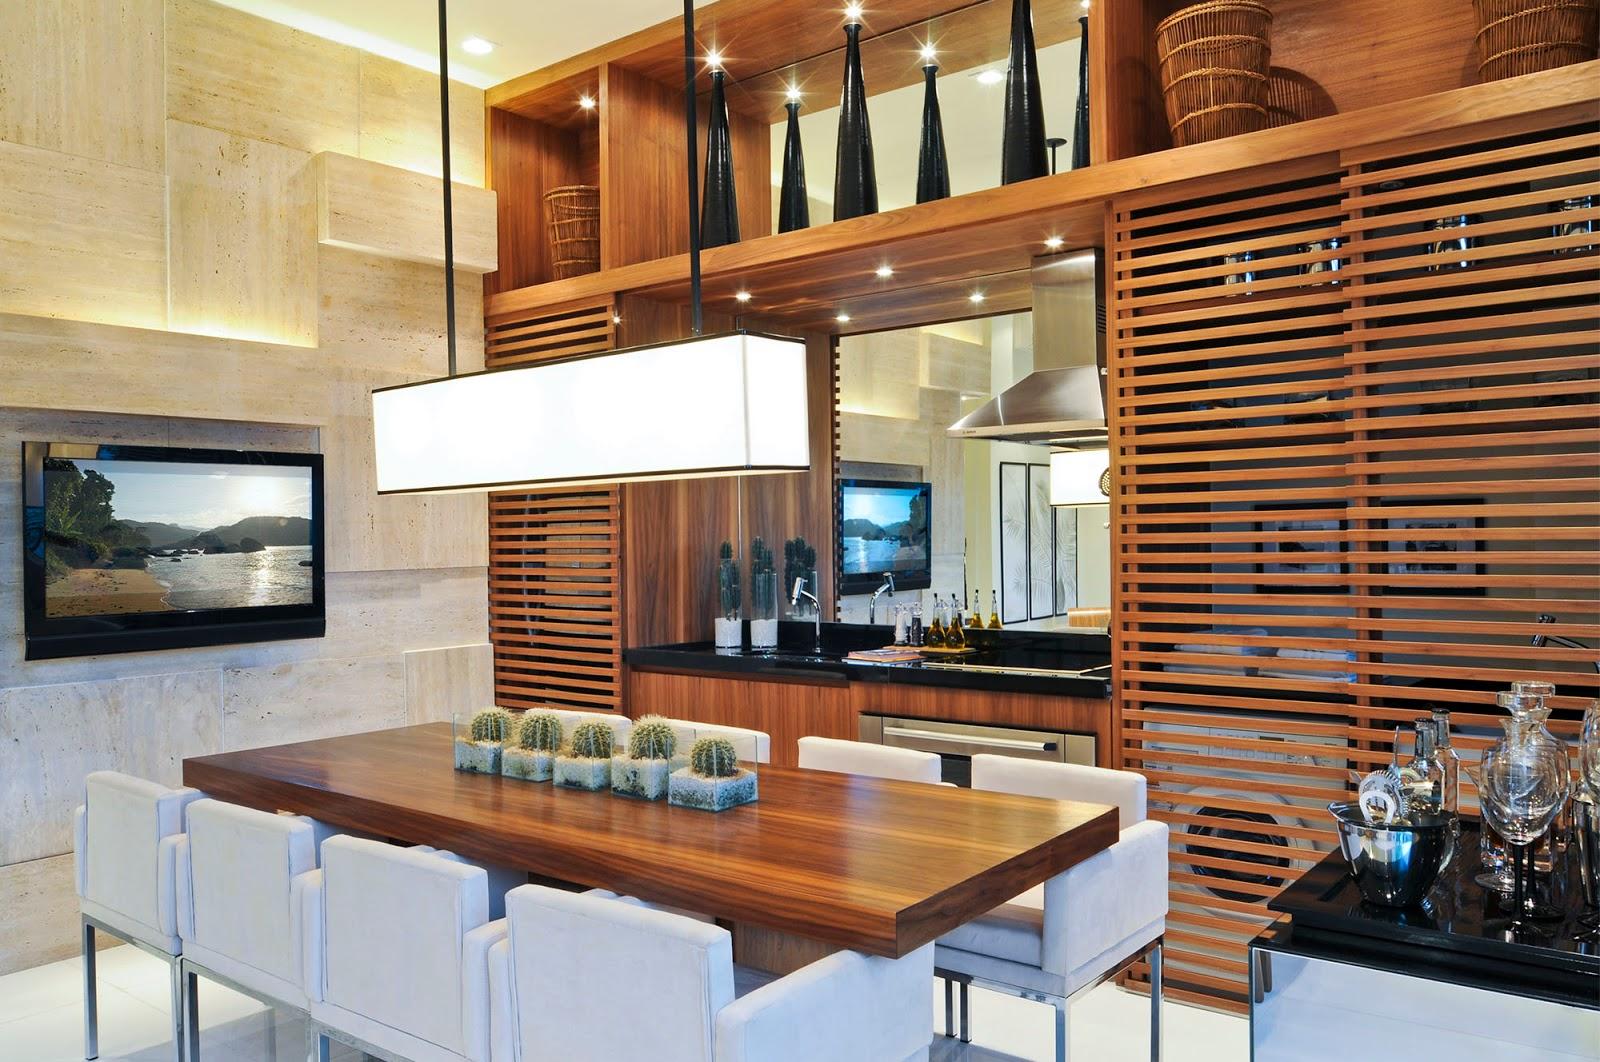 Construindo minha casa clean 21 cozinhas pequenas for Lavaderos chiquitos